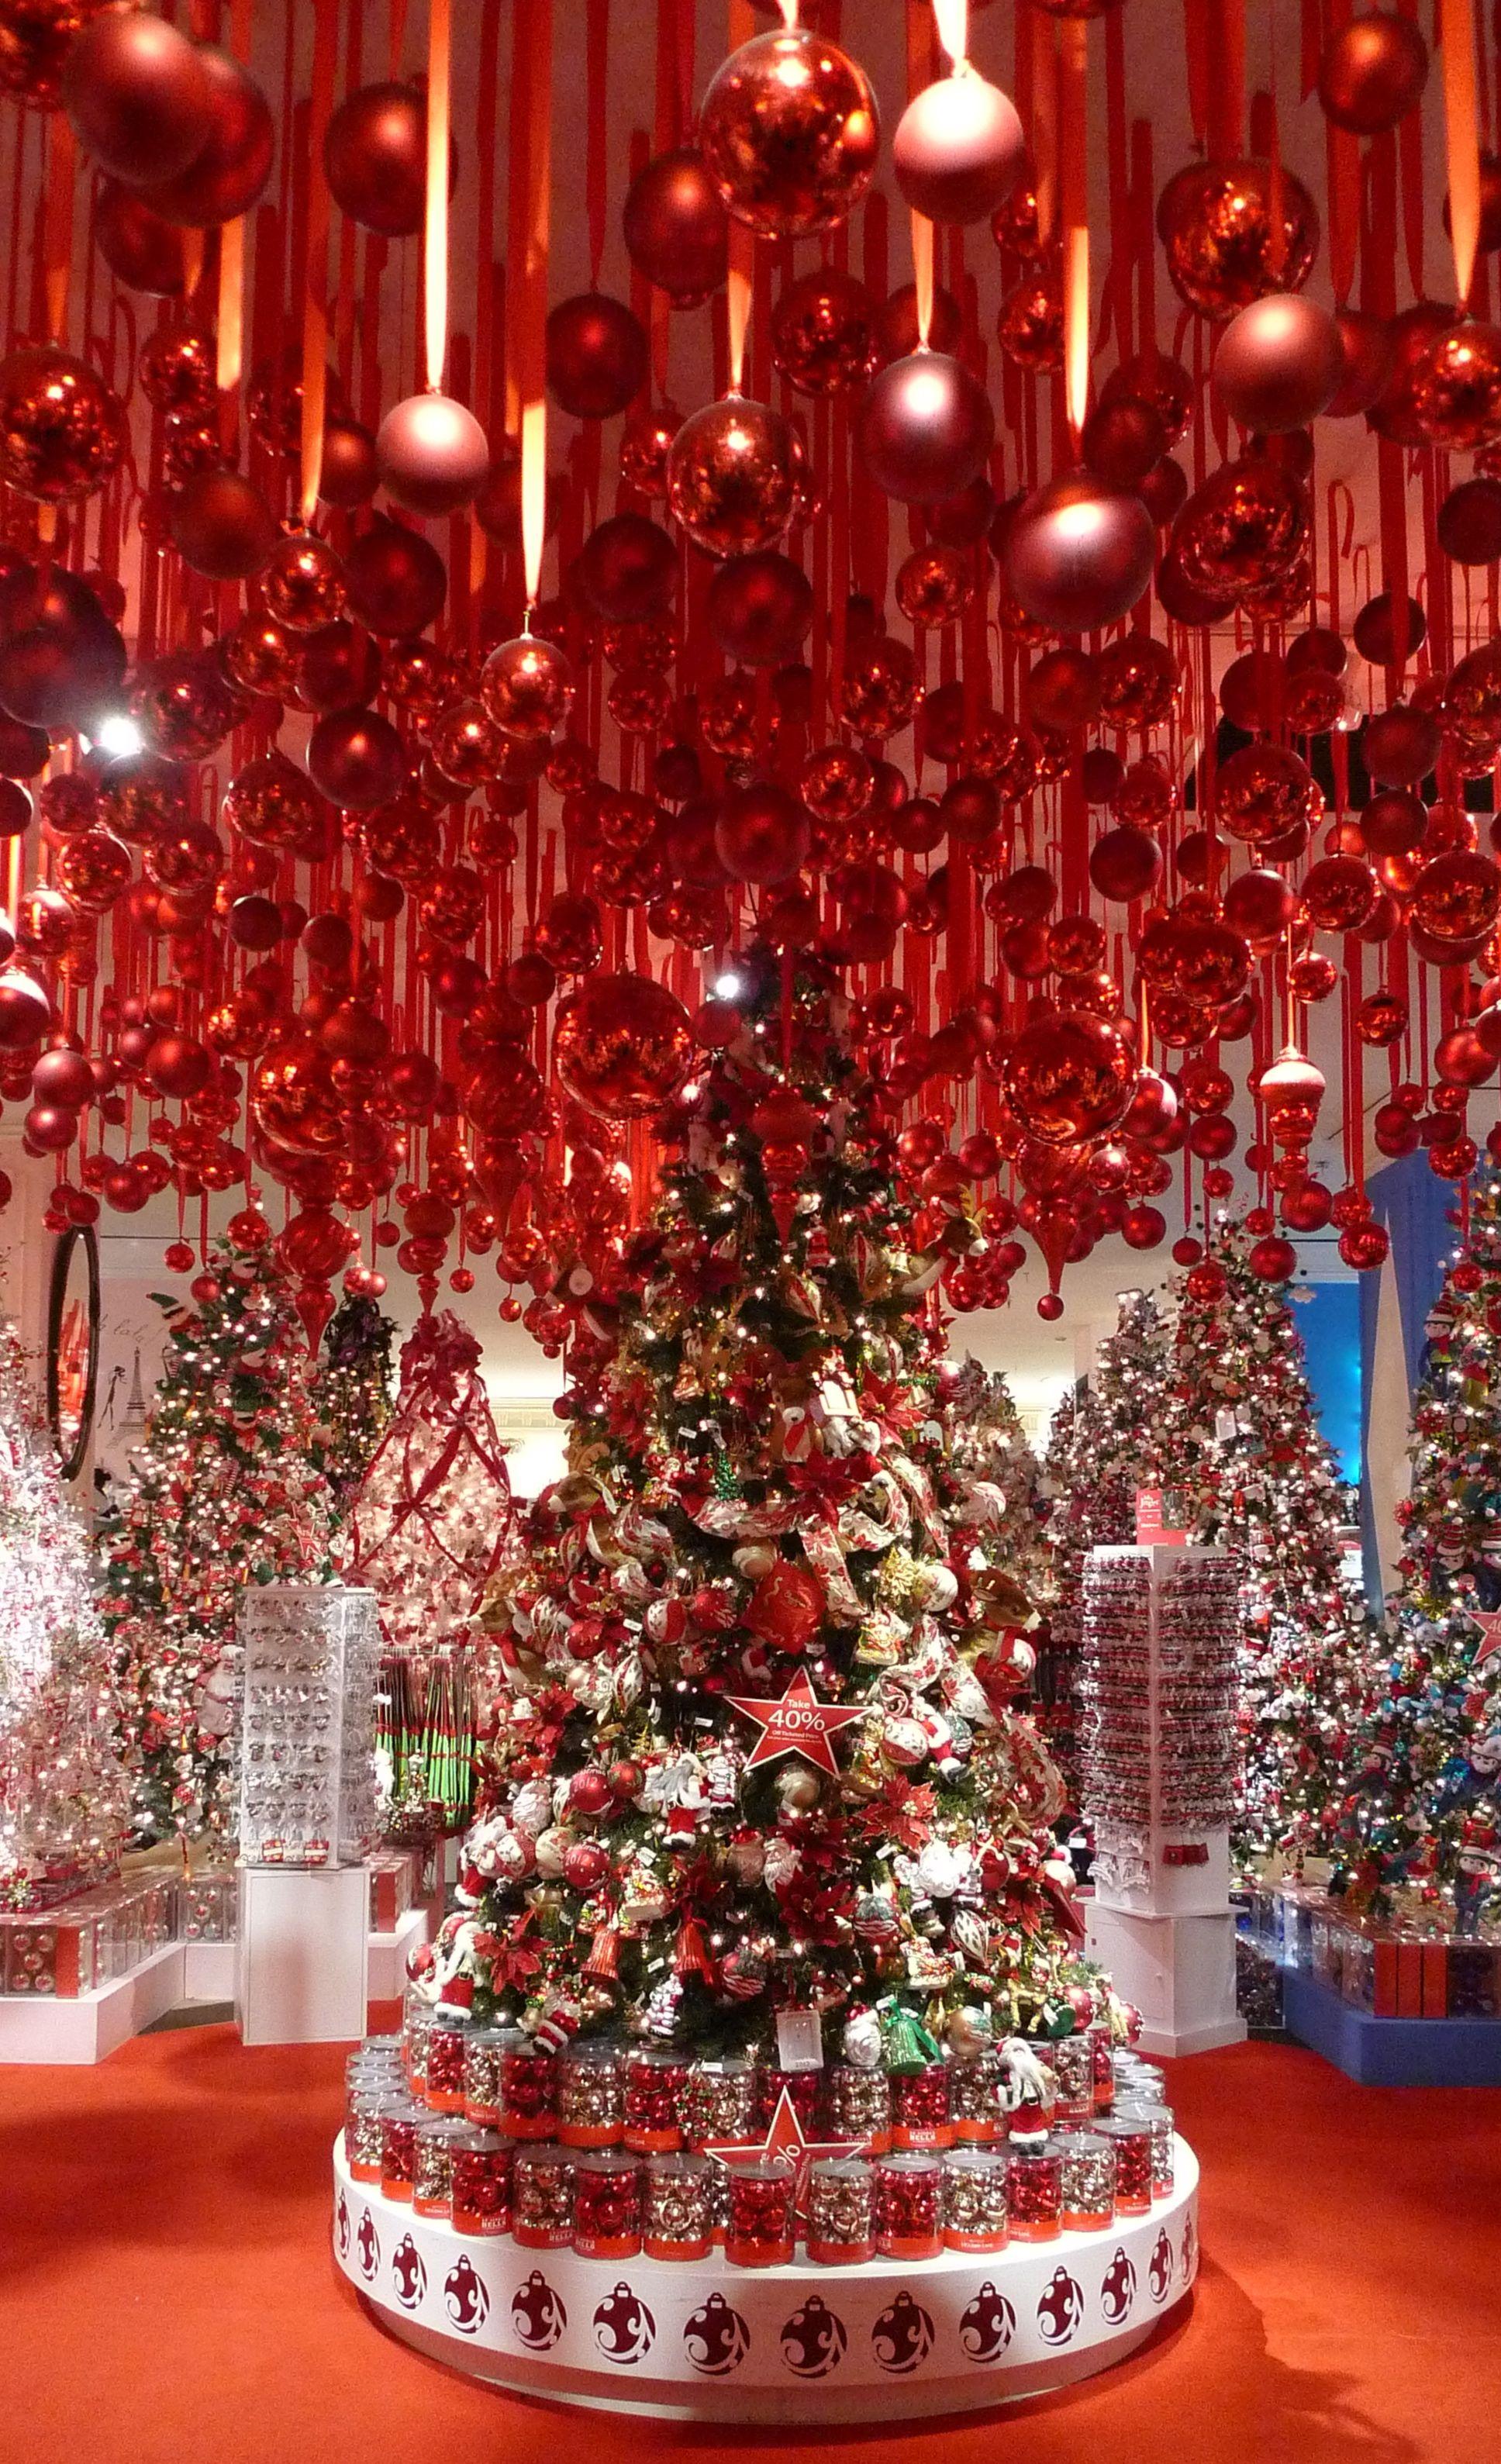 404 Not Found Рождество в ньюйорке, Рождественские